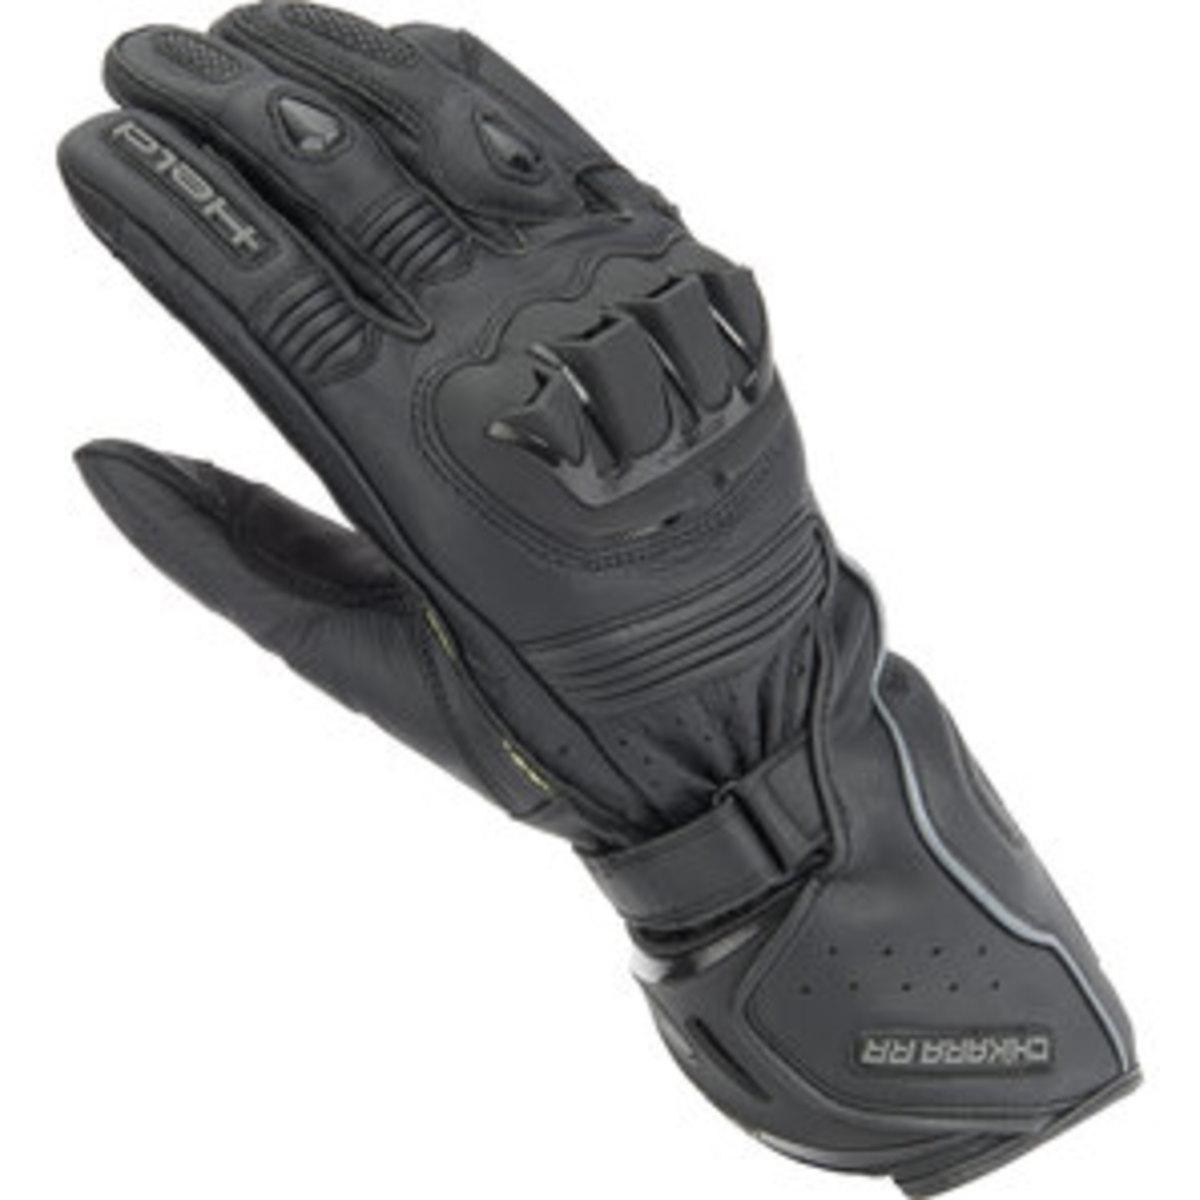 Bild 1 von Held 2823 Chikara        Handschuhe